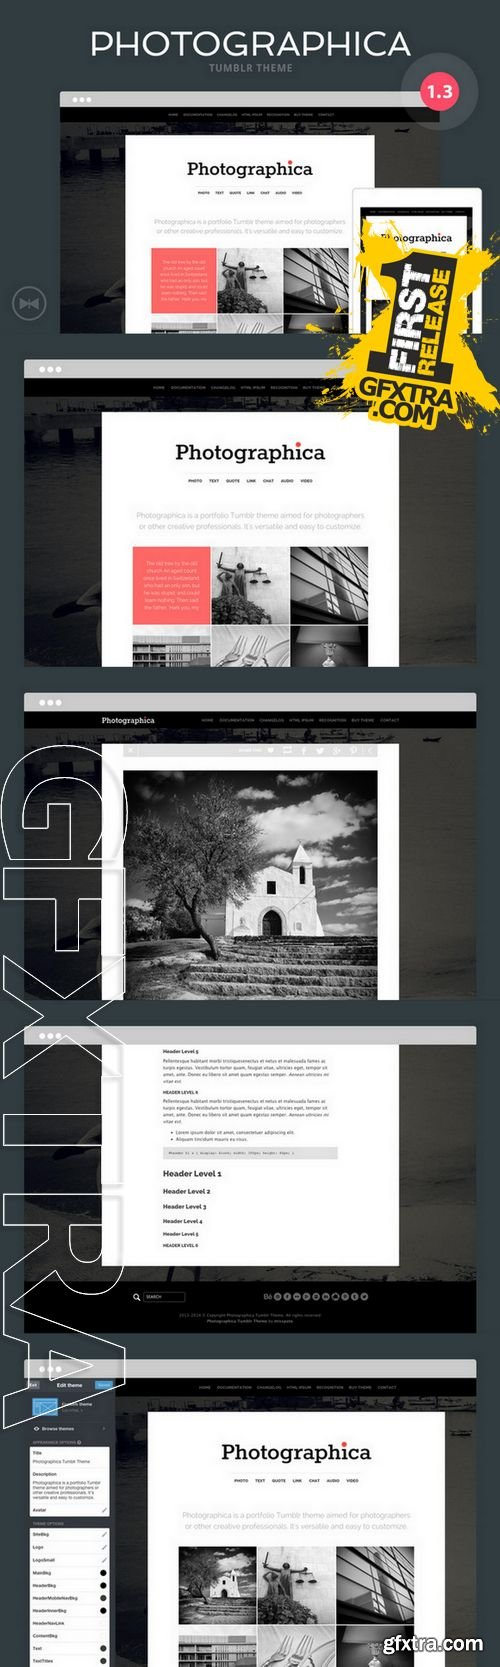 Photographica Tumblr Theme - CM 104908